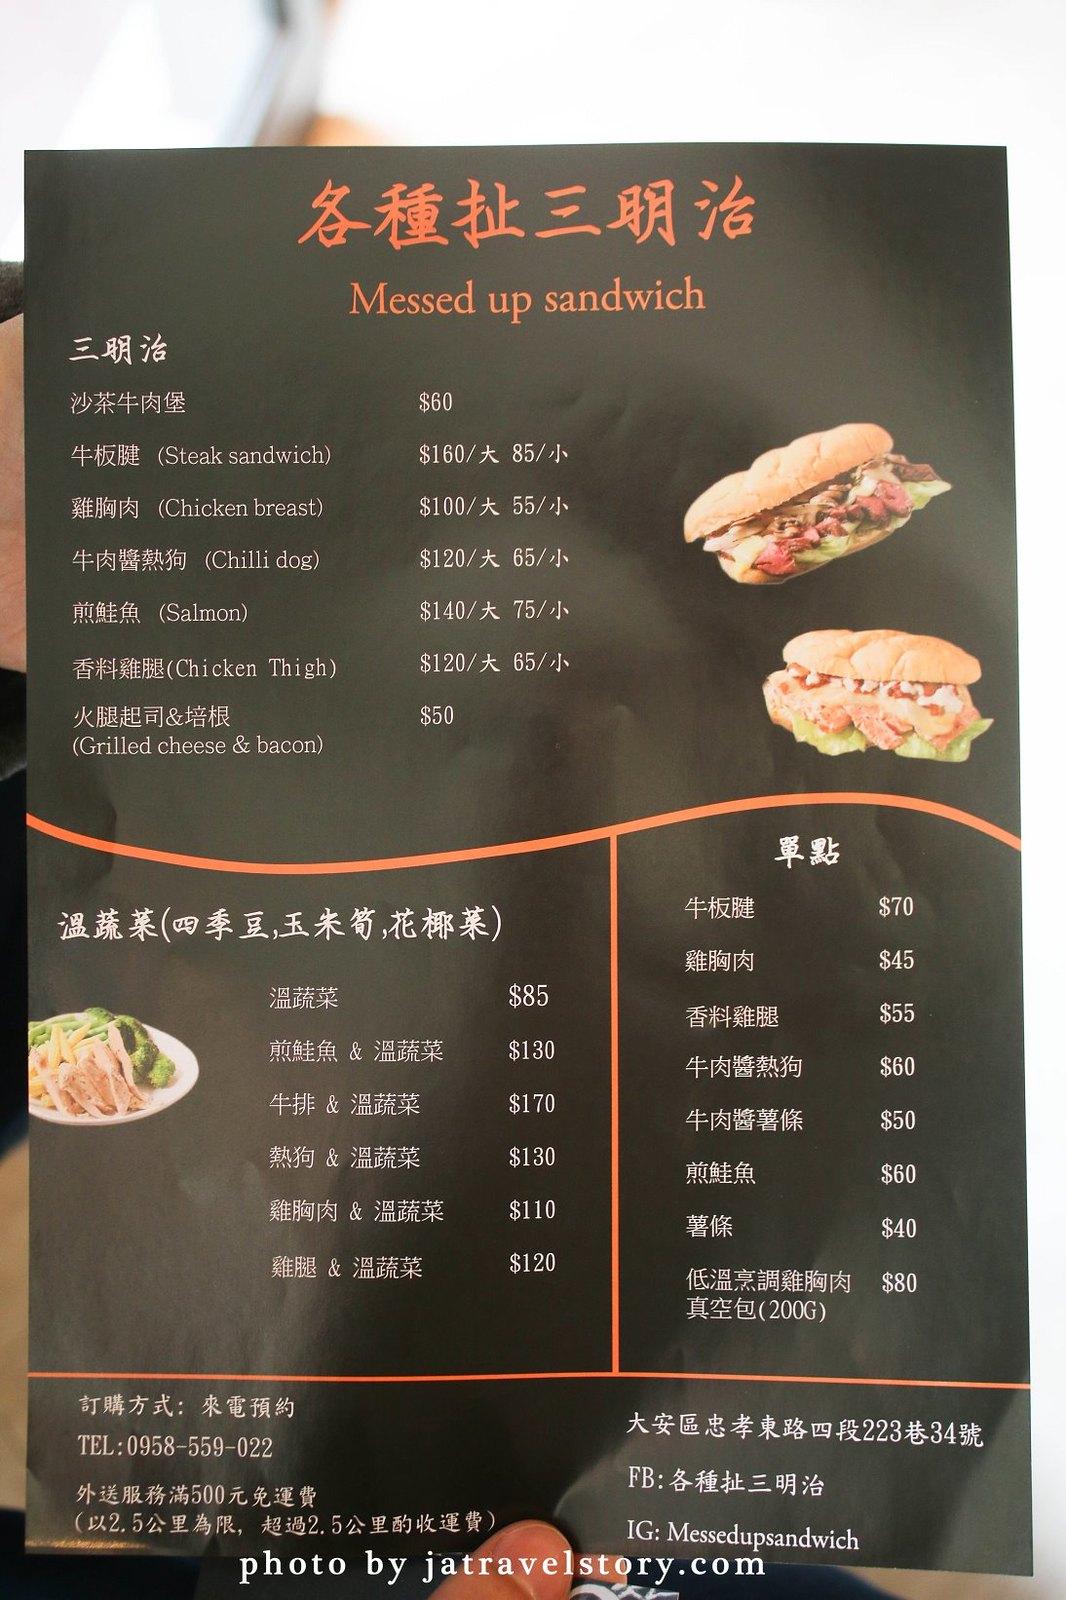 各種扯三明治 牛排三明治160元吃的到,搭配蘑菇、起司洋蔥味道很濃郁!【捷運忠孝敦化】 @J&A的旅行